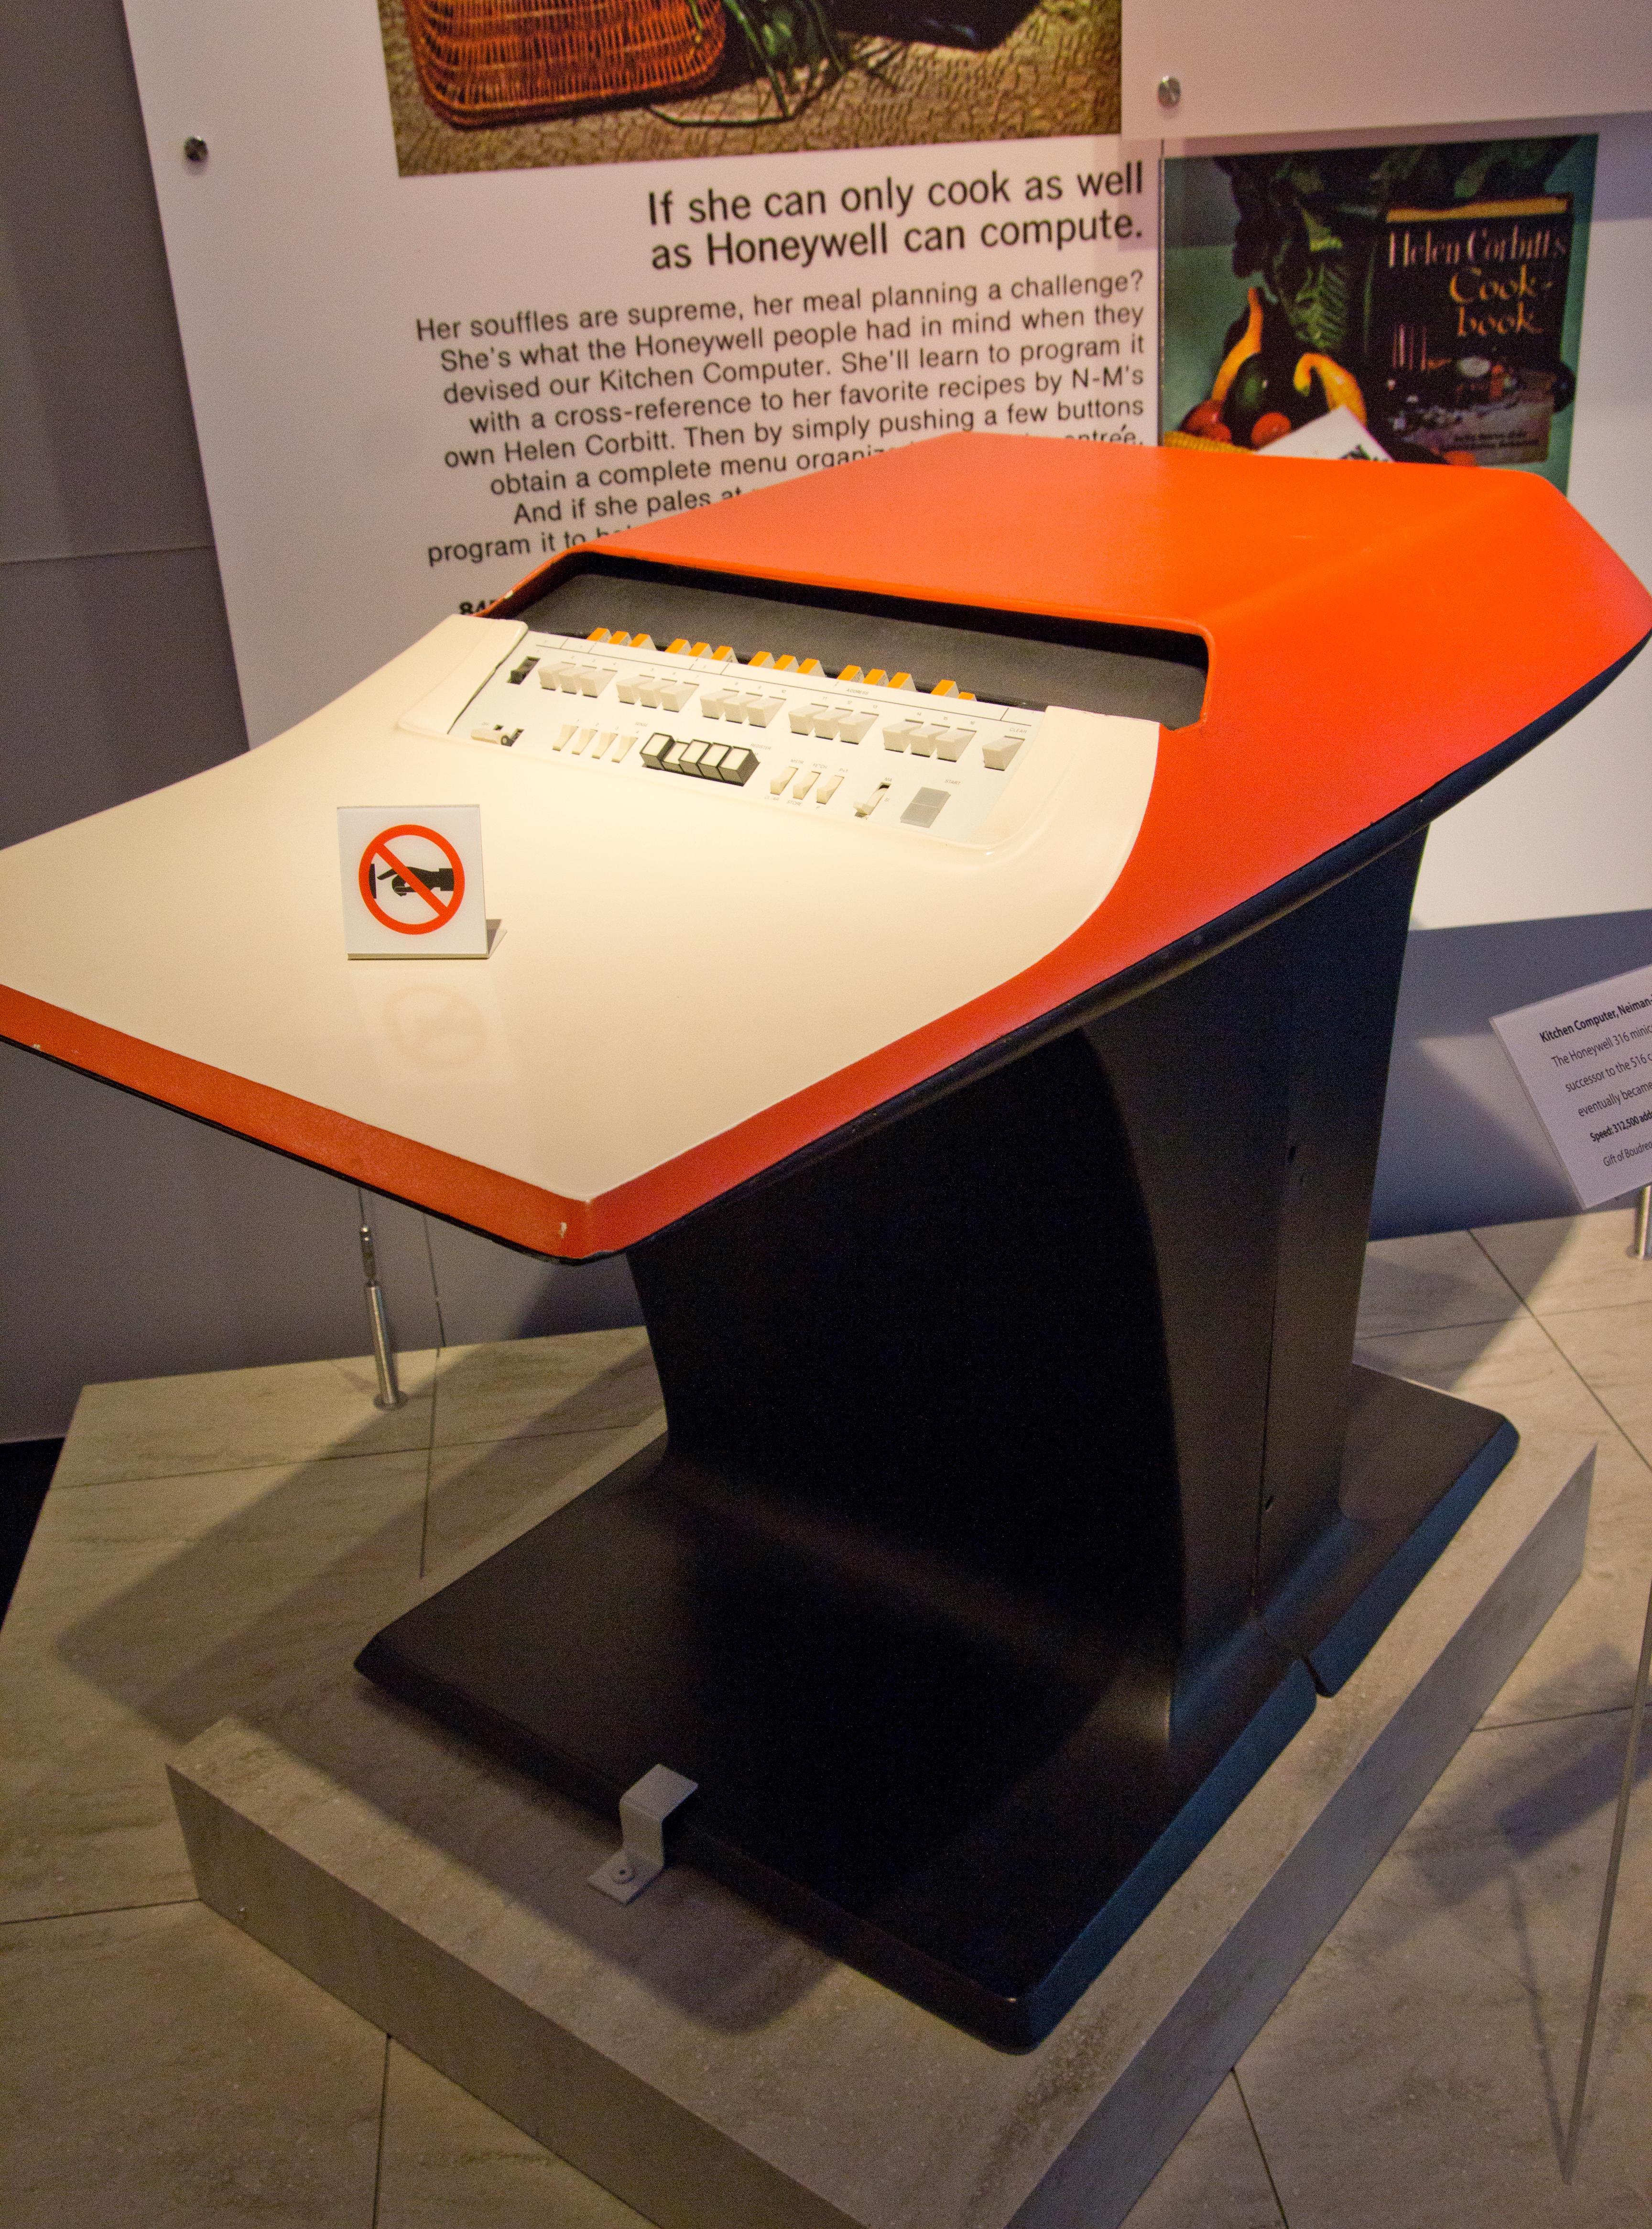 Kjøkkenmaskinen Honeywell H316. Foto: Hardware.no